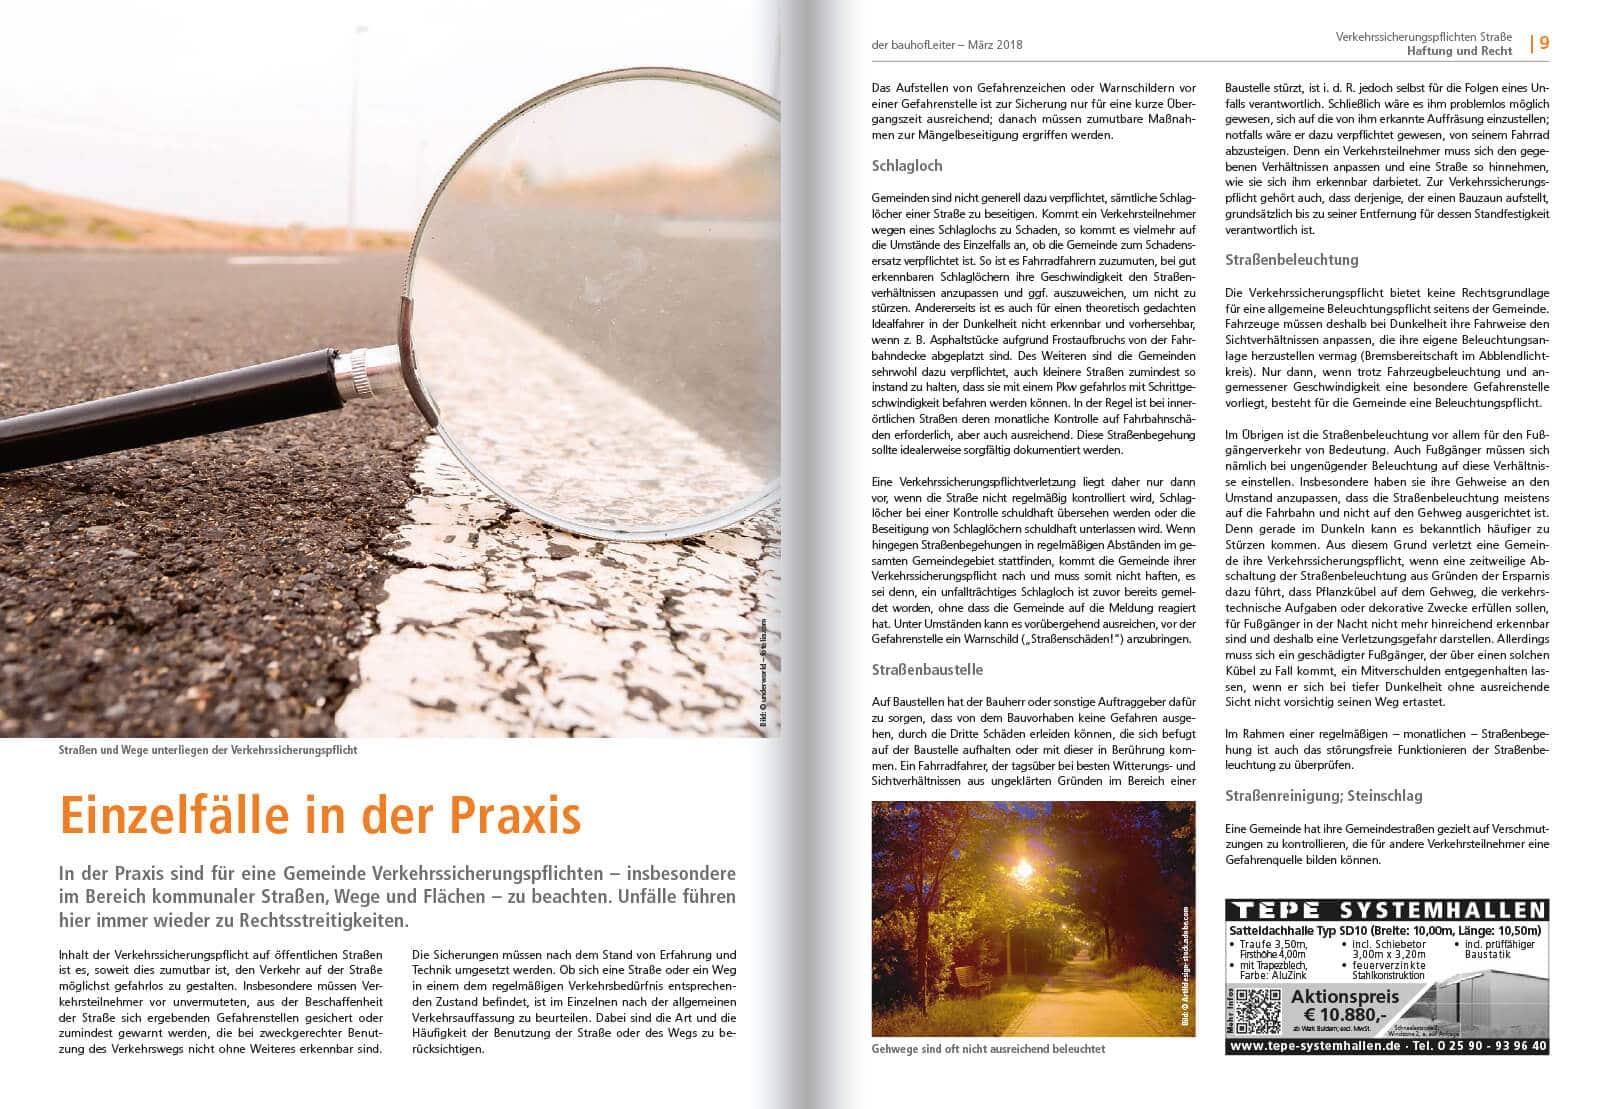 2018-02 Verkehrssicherungspflicht Strassen 1